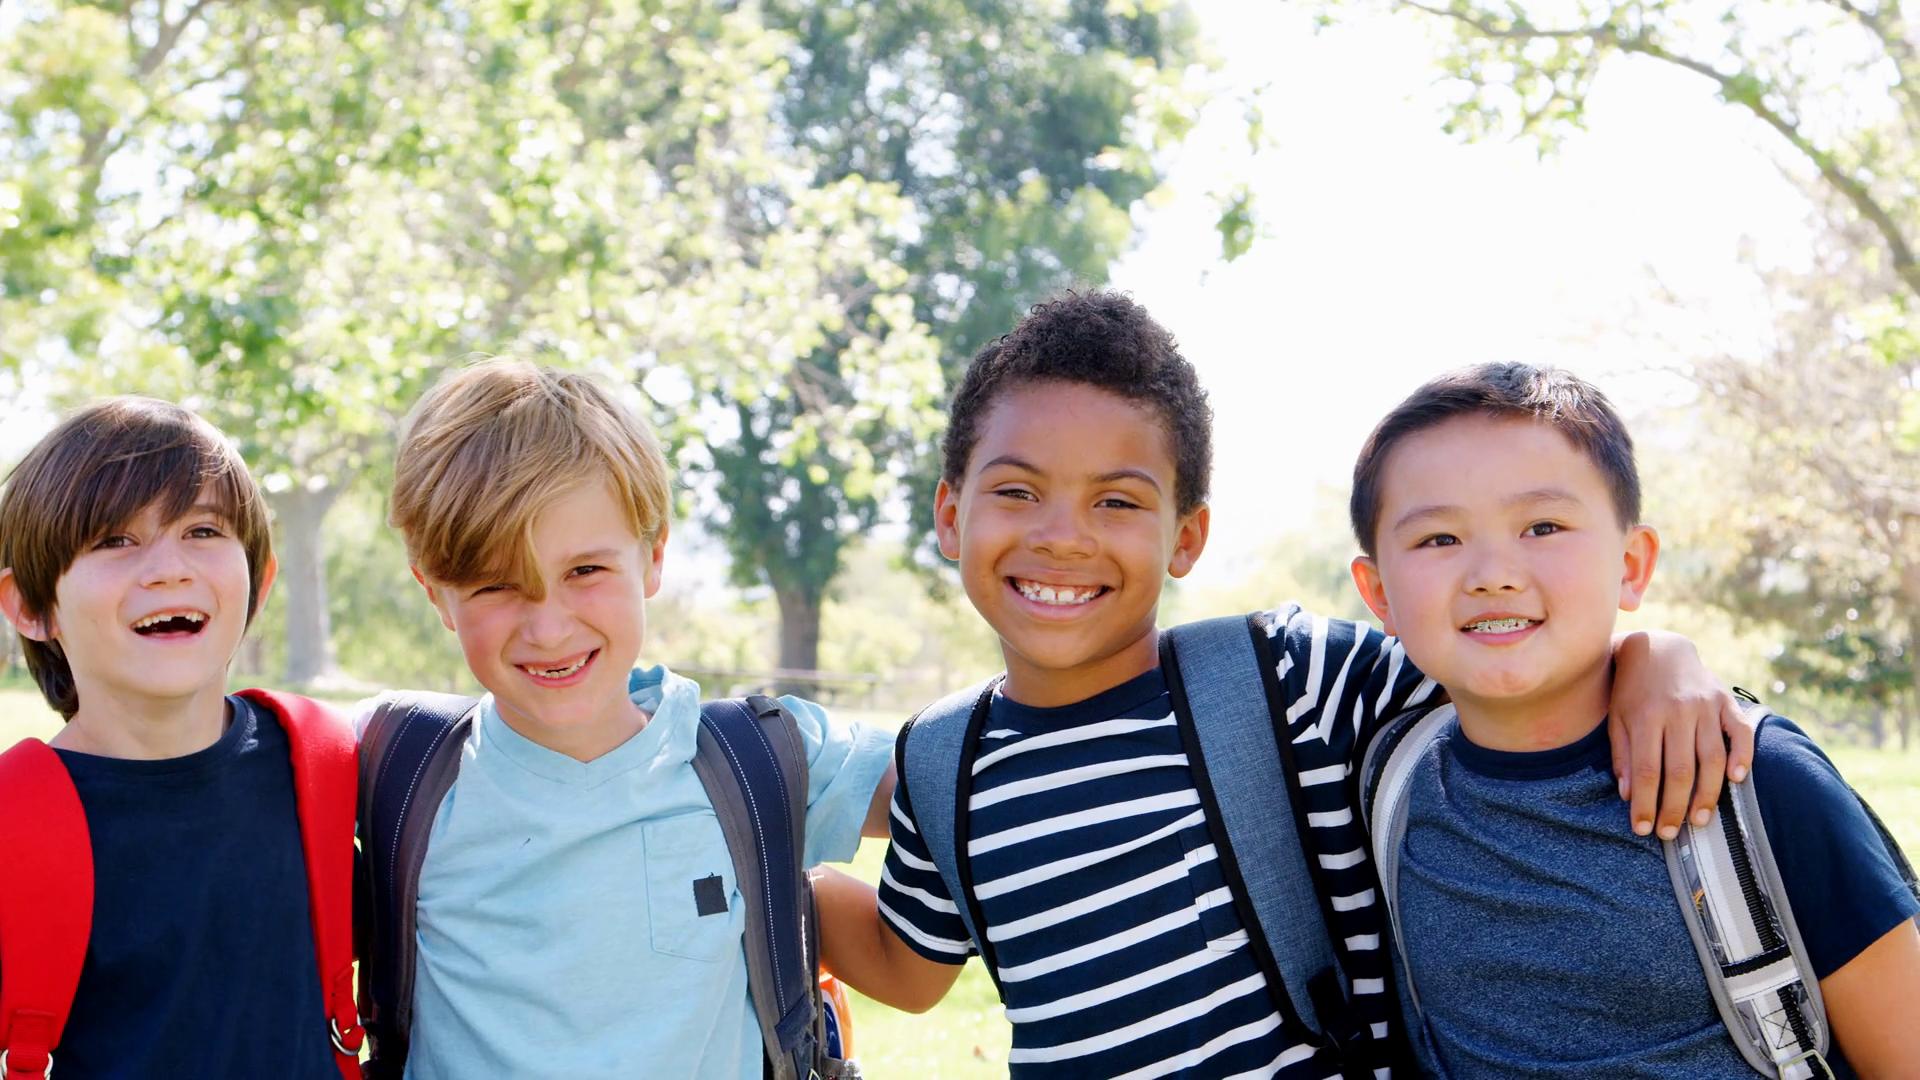 Flynn Allen - IMDb   Young cute boys, Cute white boys